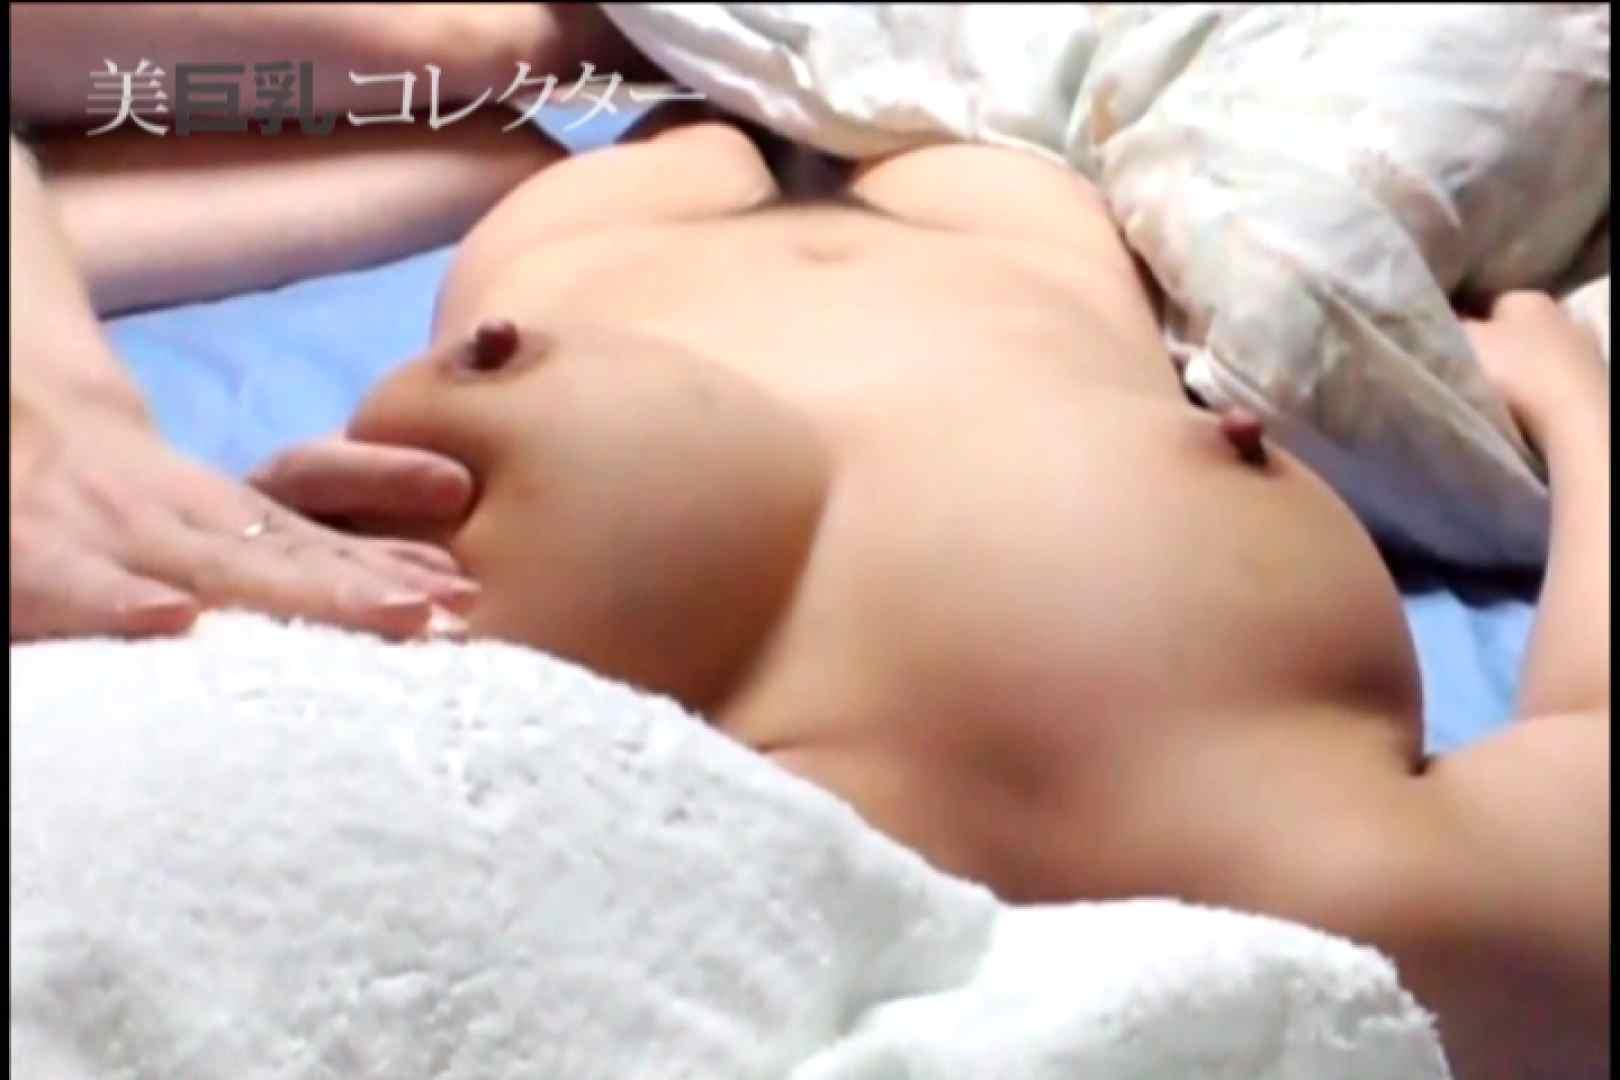 泥酔Hカップ爆乳ギャル2 悪戯 すけべAV動画紹介 108連発 23